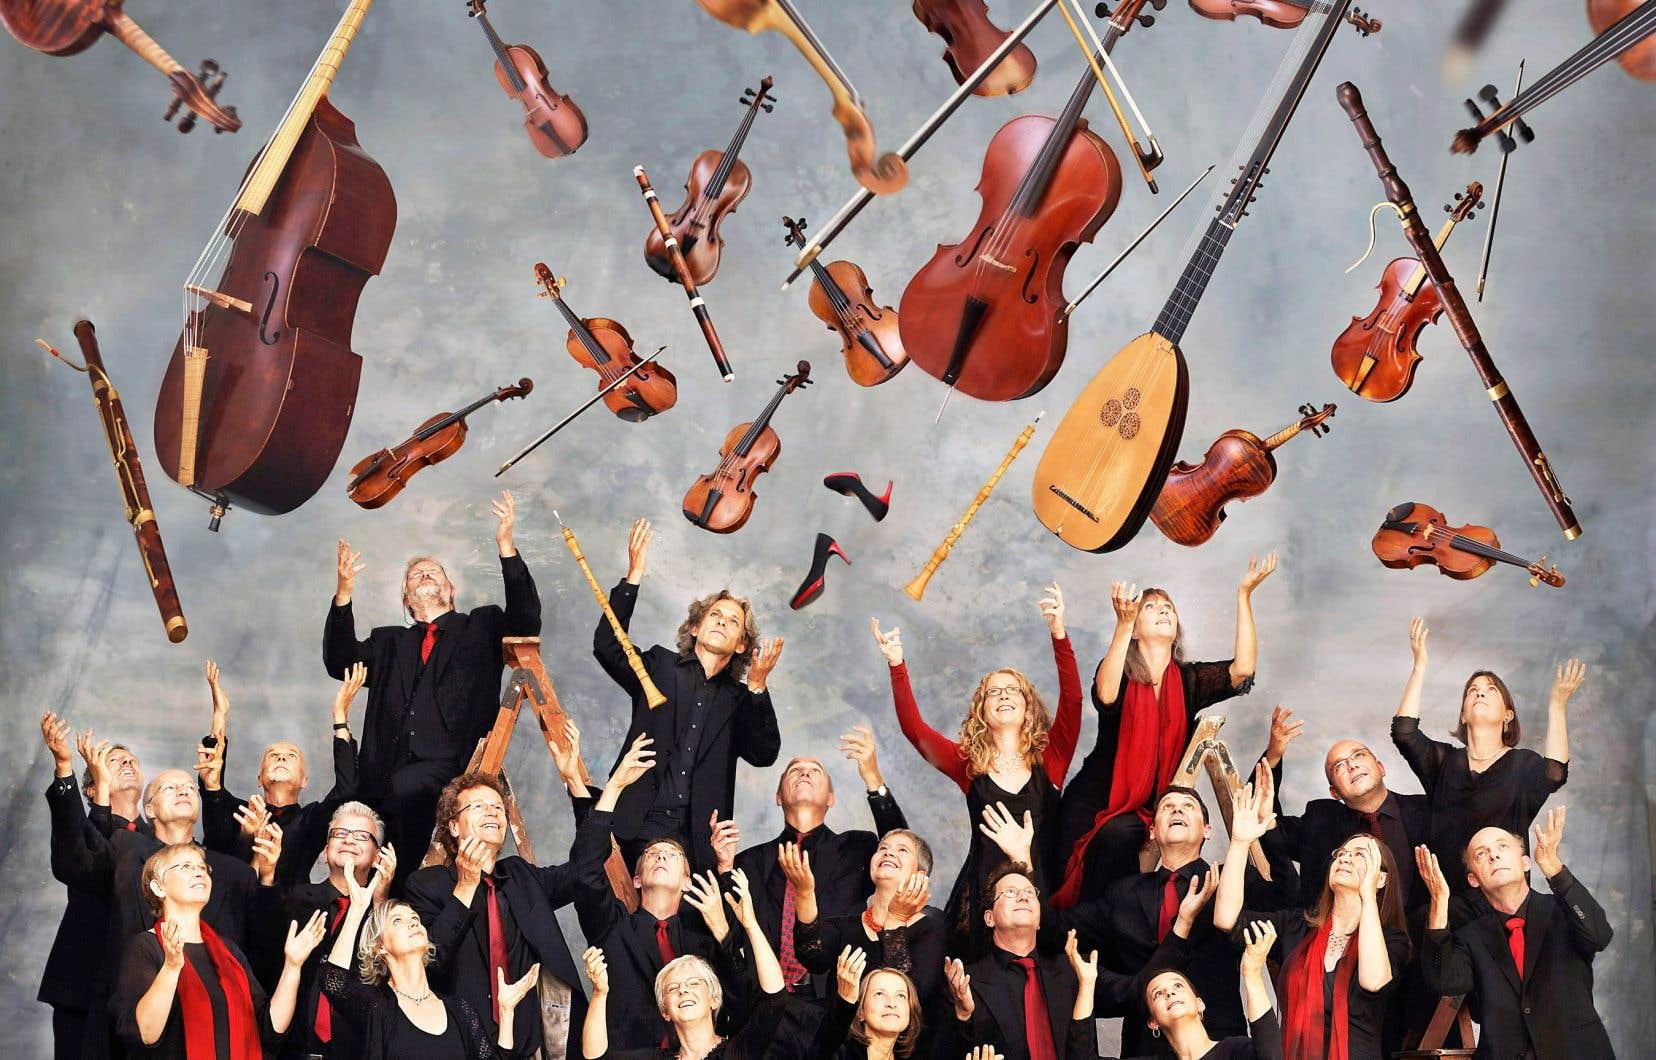 Durant les trois derniers mois sont parues quatre nouvelles versions discographiques de la fameuse «Sérénade pour 13 instruments à vent», dite «Gran Partita», de Mozart. Il est fort tentant d'en faire un commentaire comparatif, d'autant que la dernière en date, signée par l'Akademie für alte Musik Berlin (Akamus, notre photo), est interprétée sur instruments anciens.